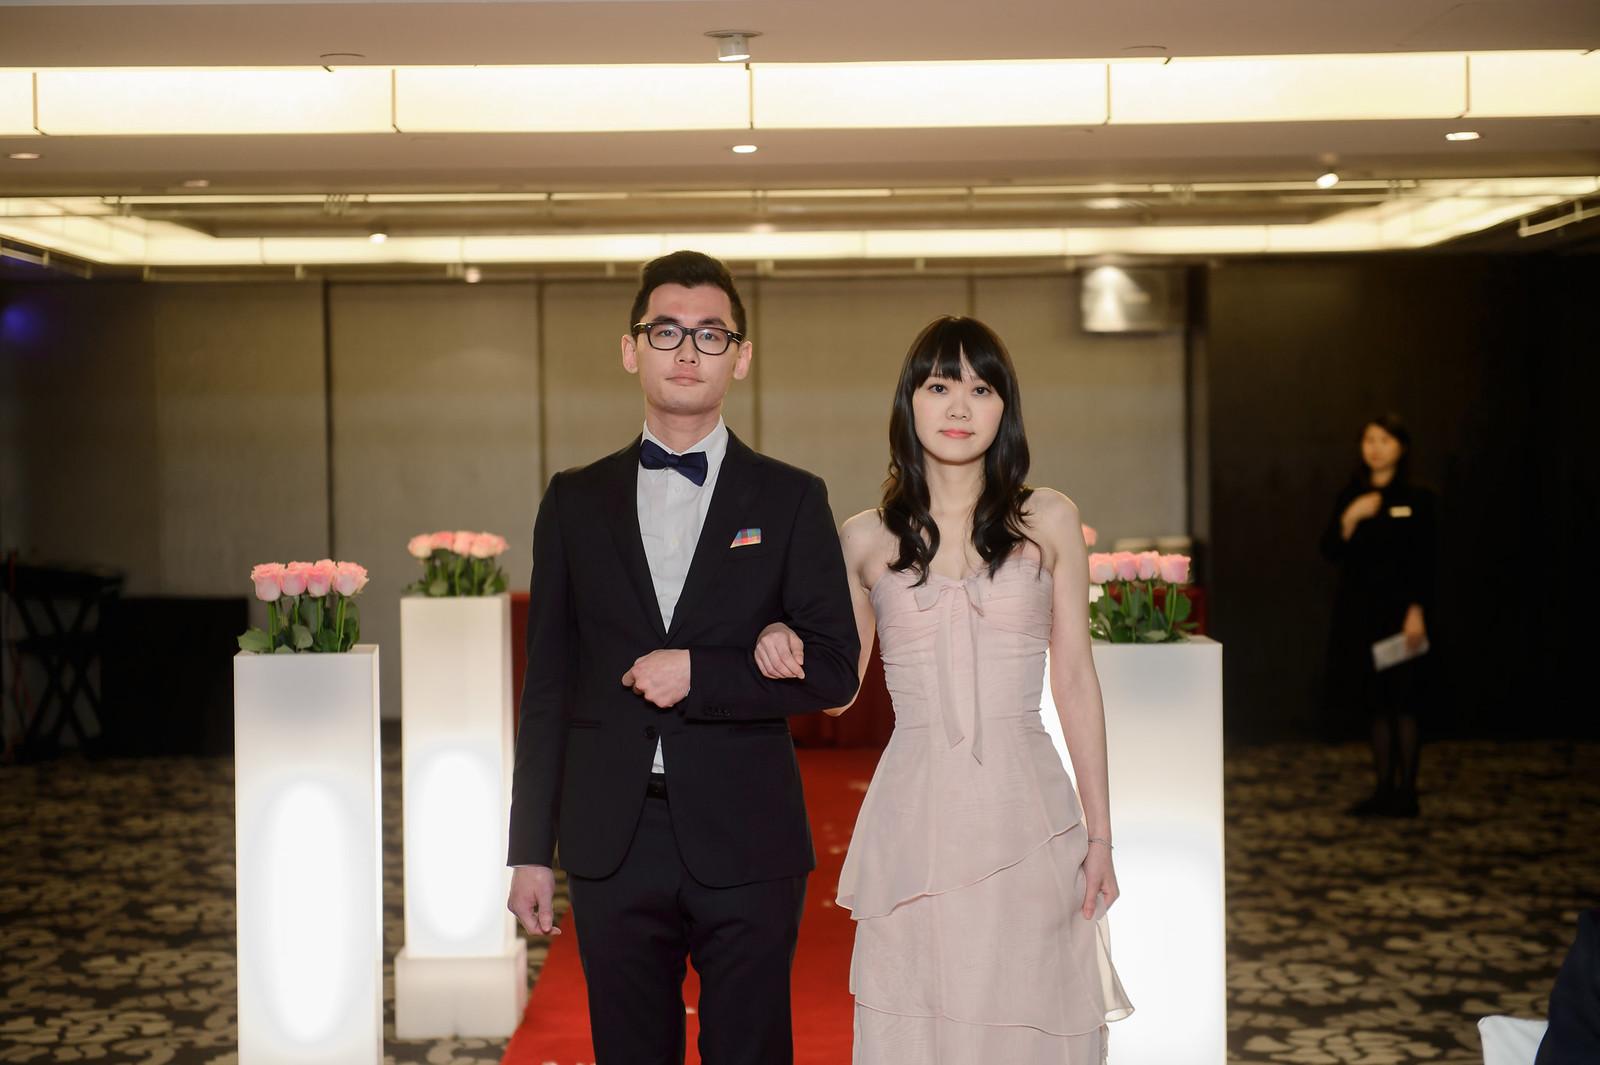 台北婚攝, 婚禮攝影, 婚攝, 婚攝守恆, 婚攝推薦, 晶華酒店, 晶華酒店婚宴, 晶華酒店婚攝-25